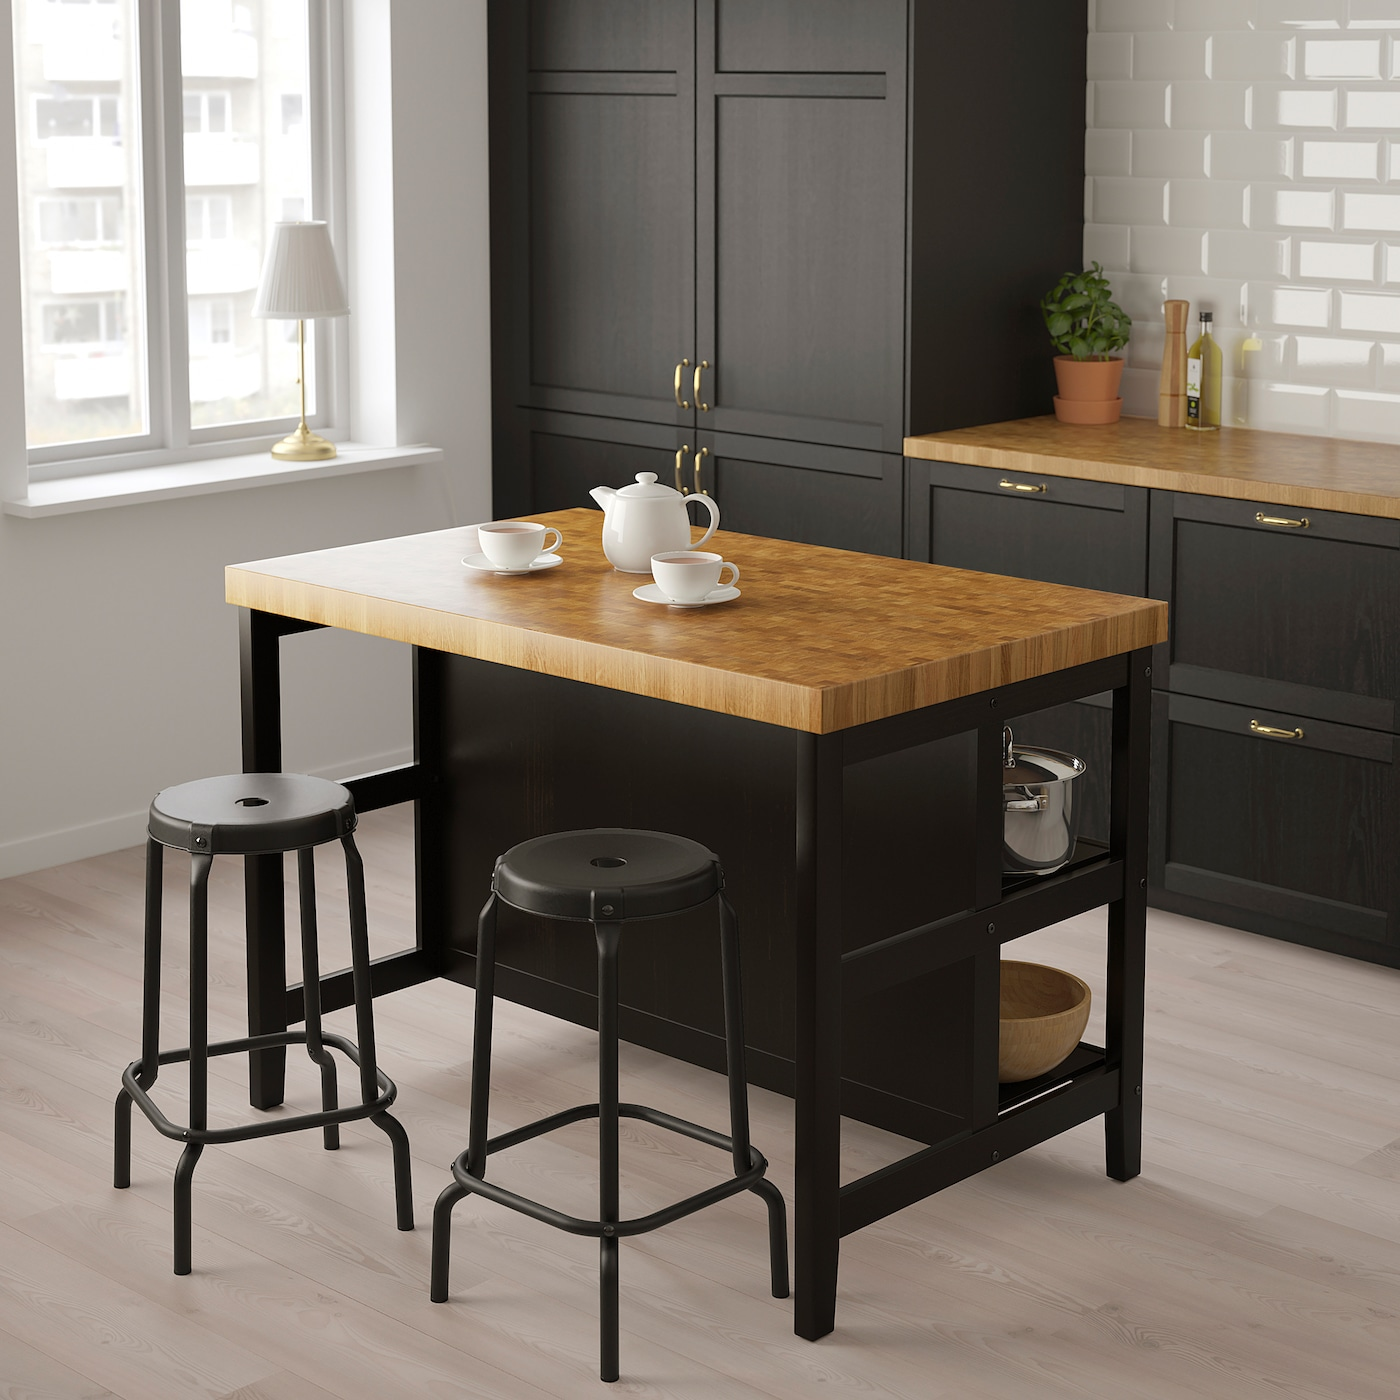 VADHOLMA kitchen island black/oak 126 cm 79 cm 90 cm